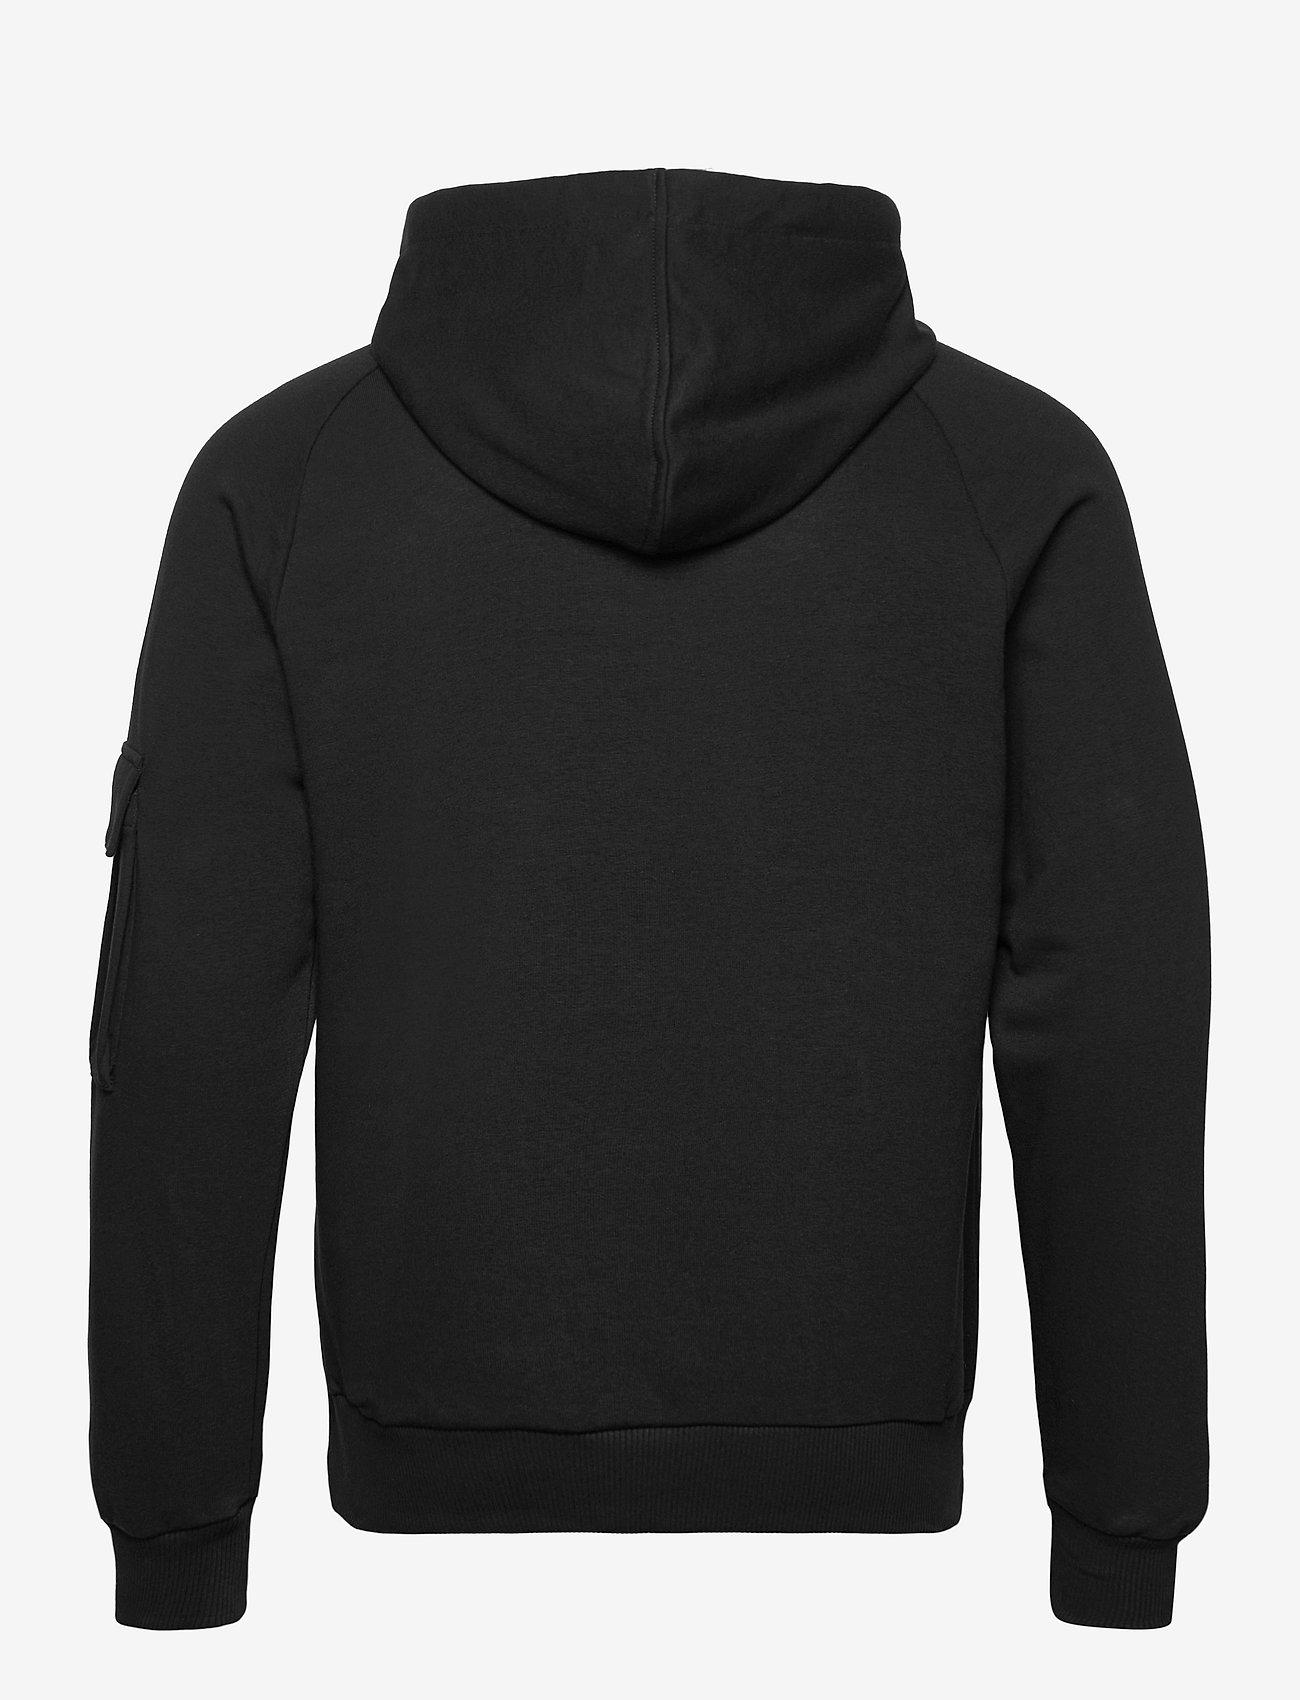 Hummel HMLTALIA HOODIE - Sweatshirts BLACK - Menn Klær